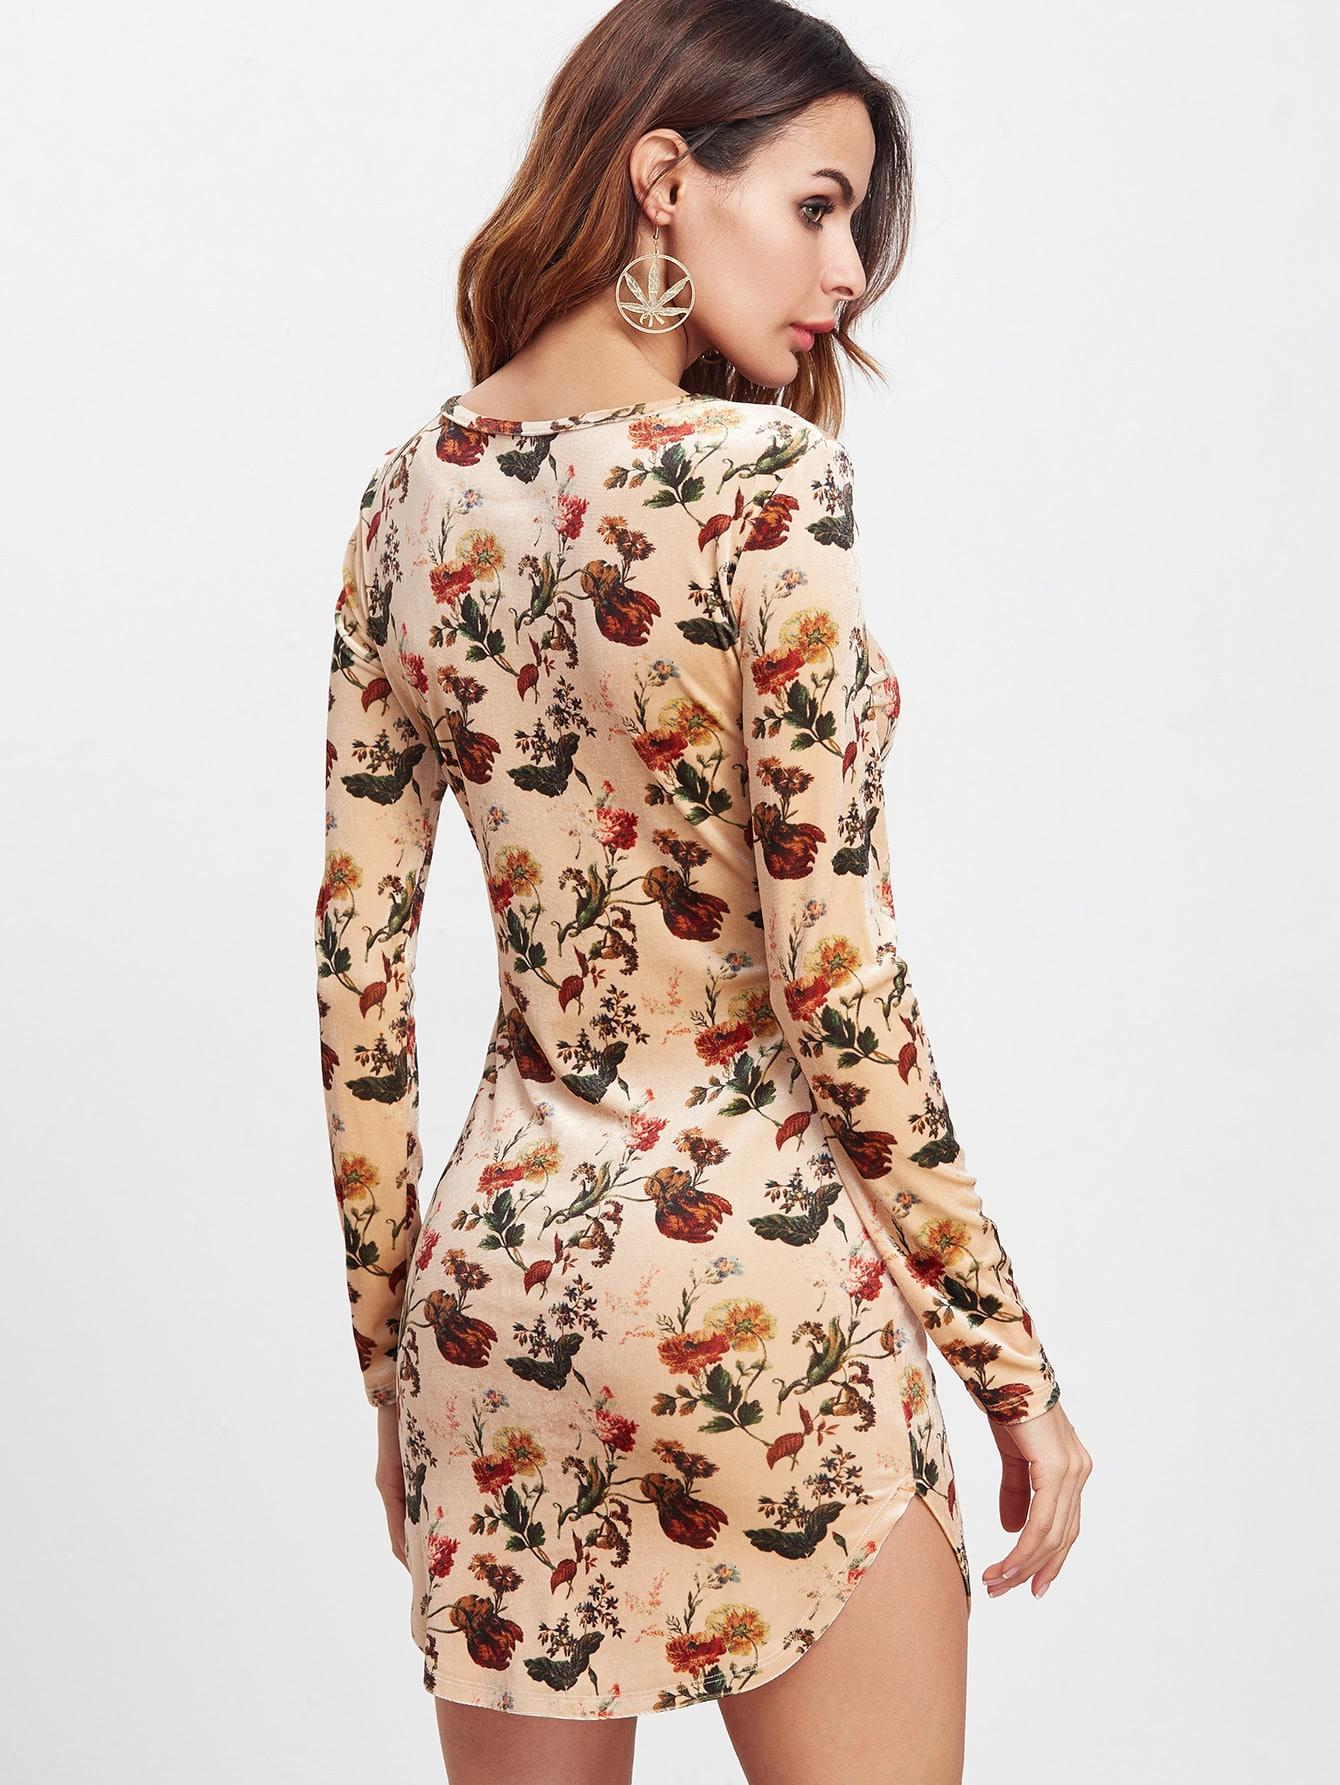 dress161202726_2